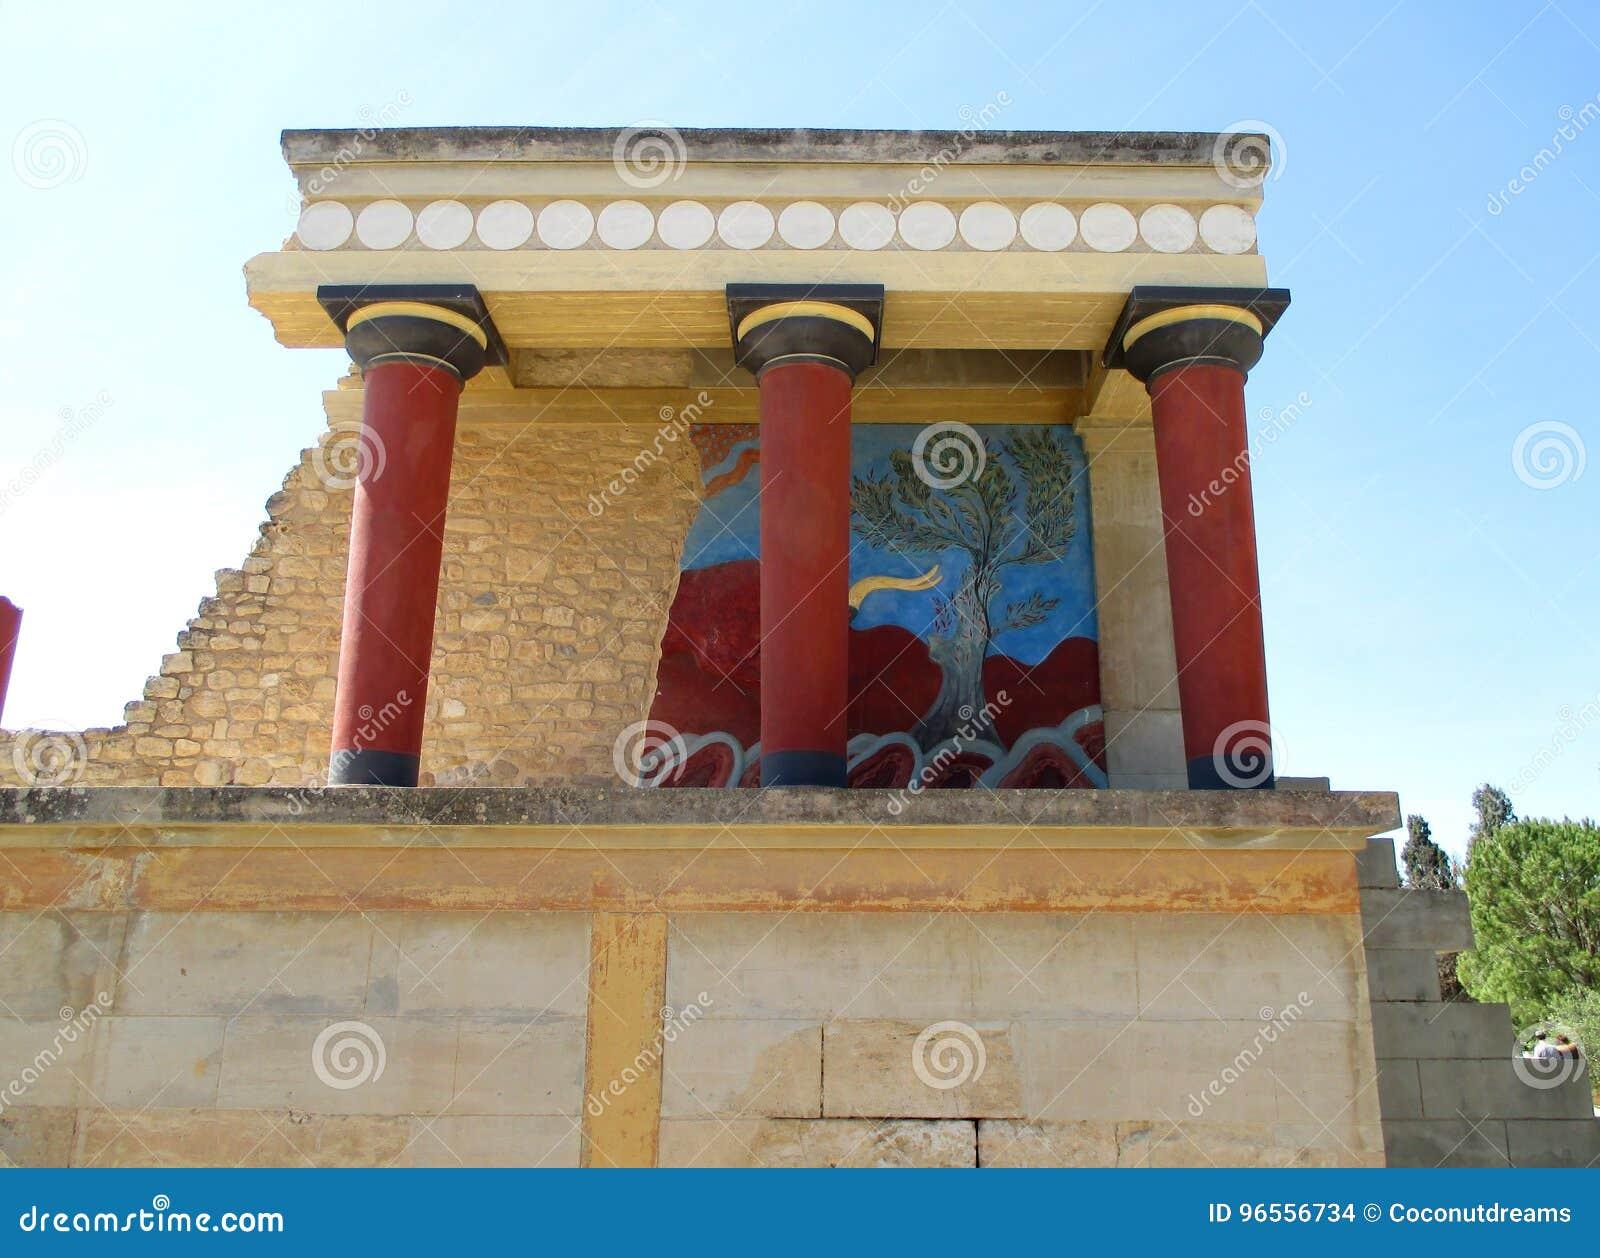 Restes de bureau de douane antique dans knossos site de patrimoine